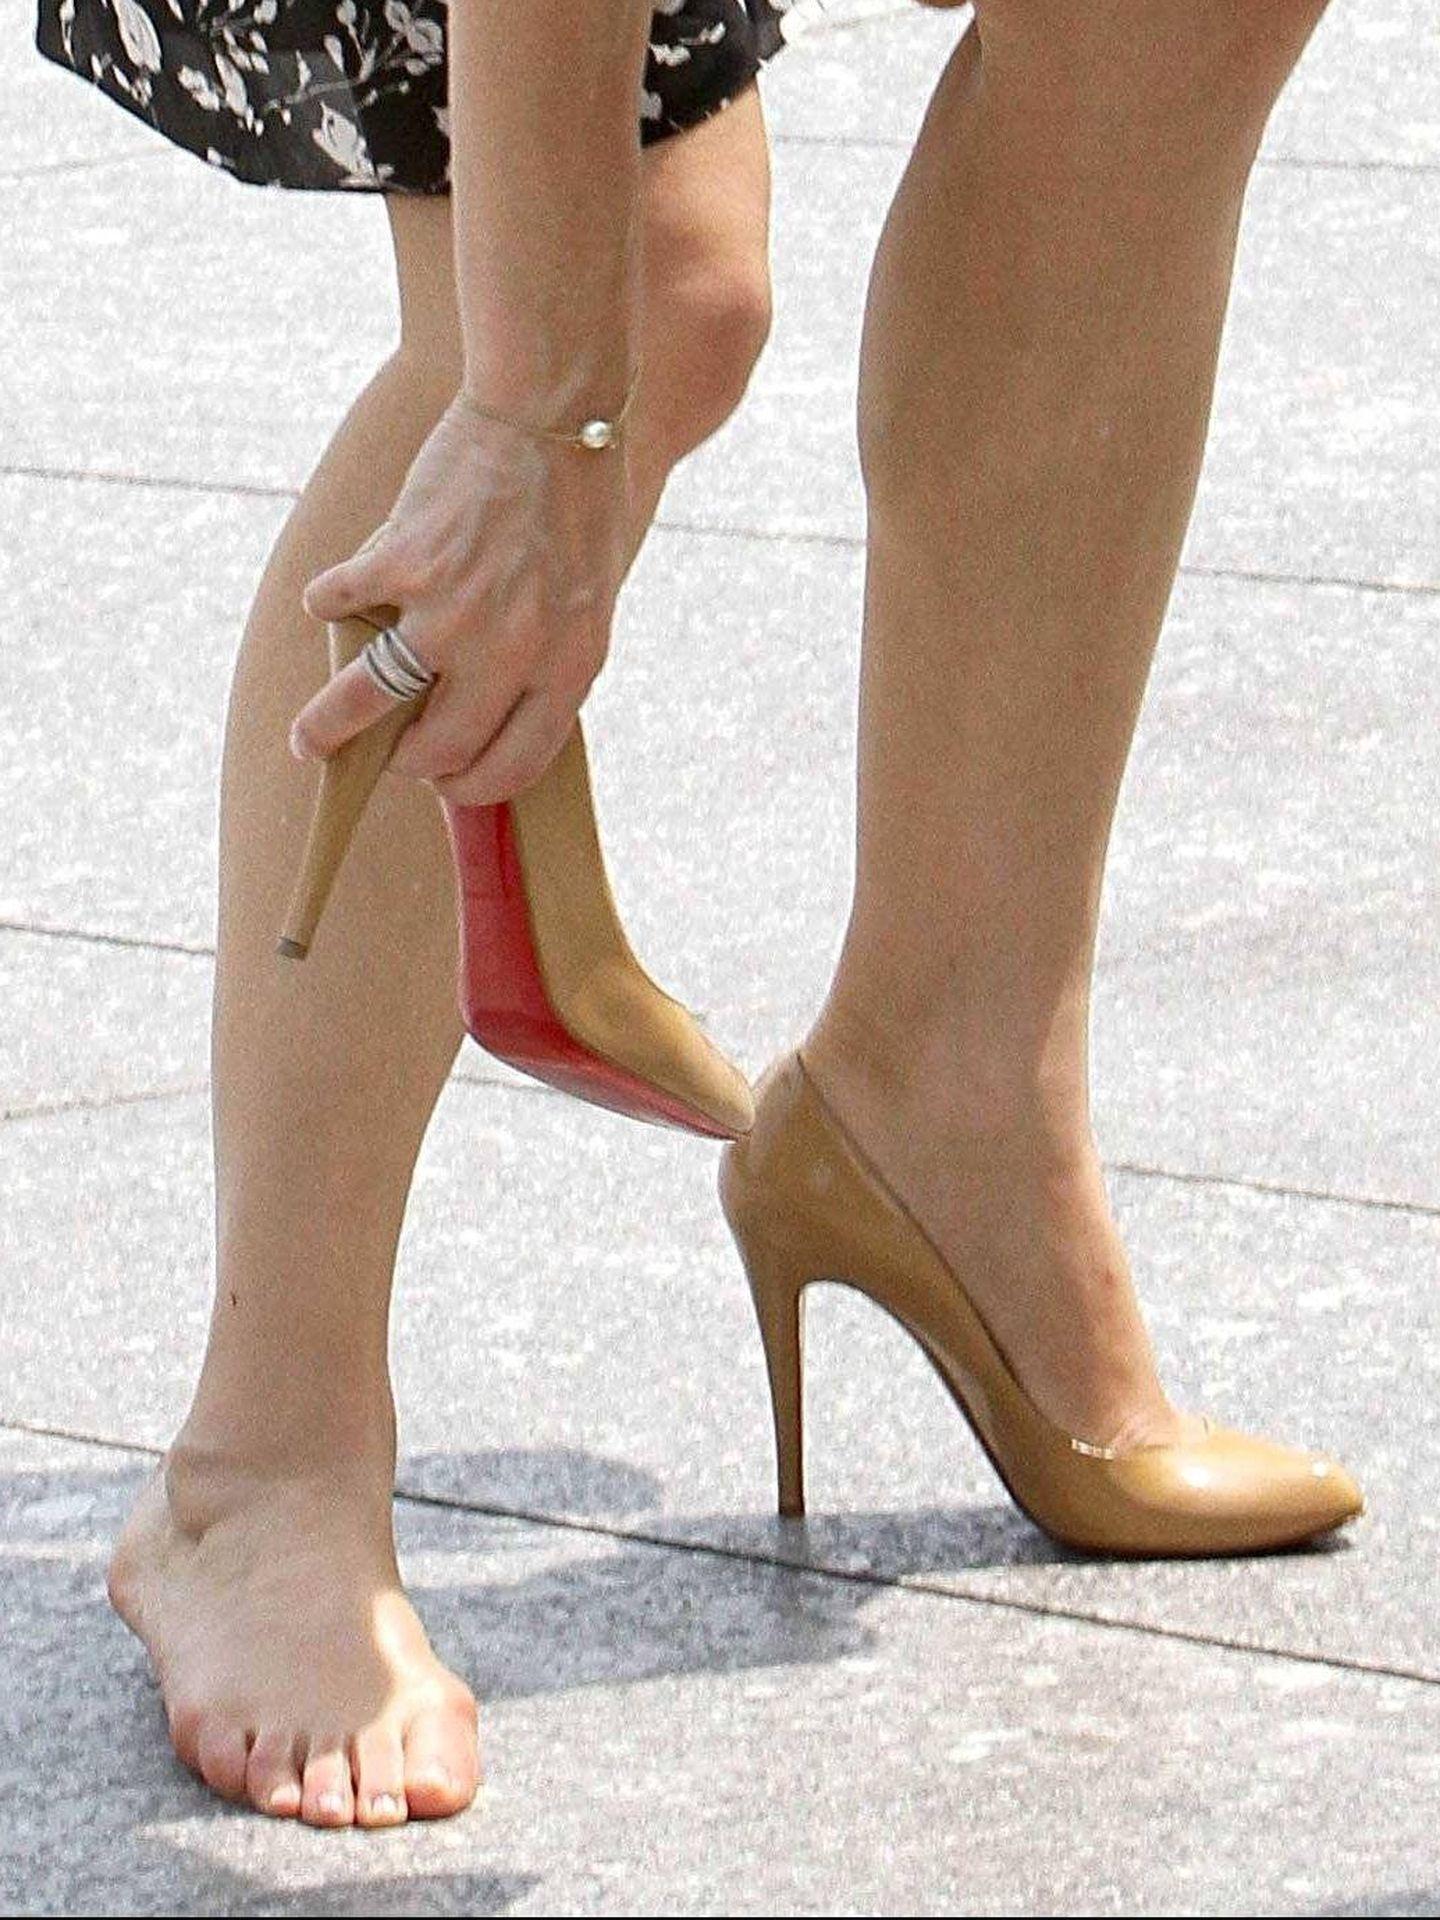 La princesa Mary, colocándose el zapato. (Cordon Press)